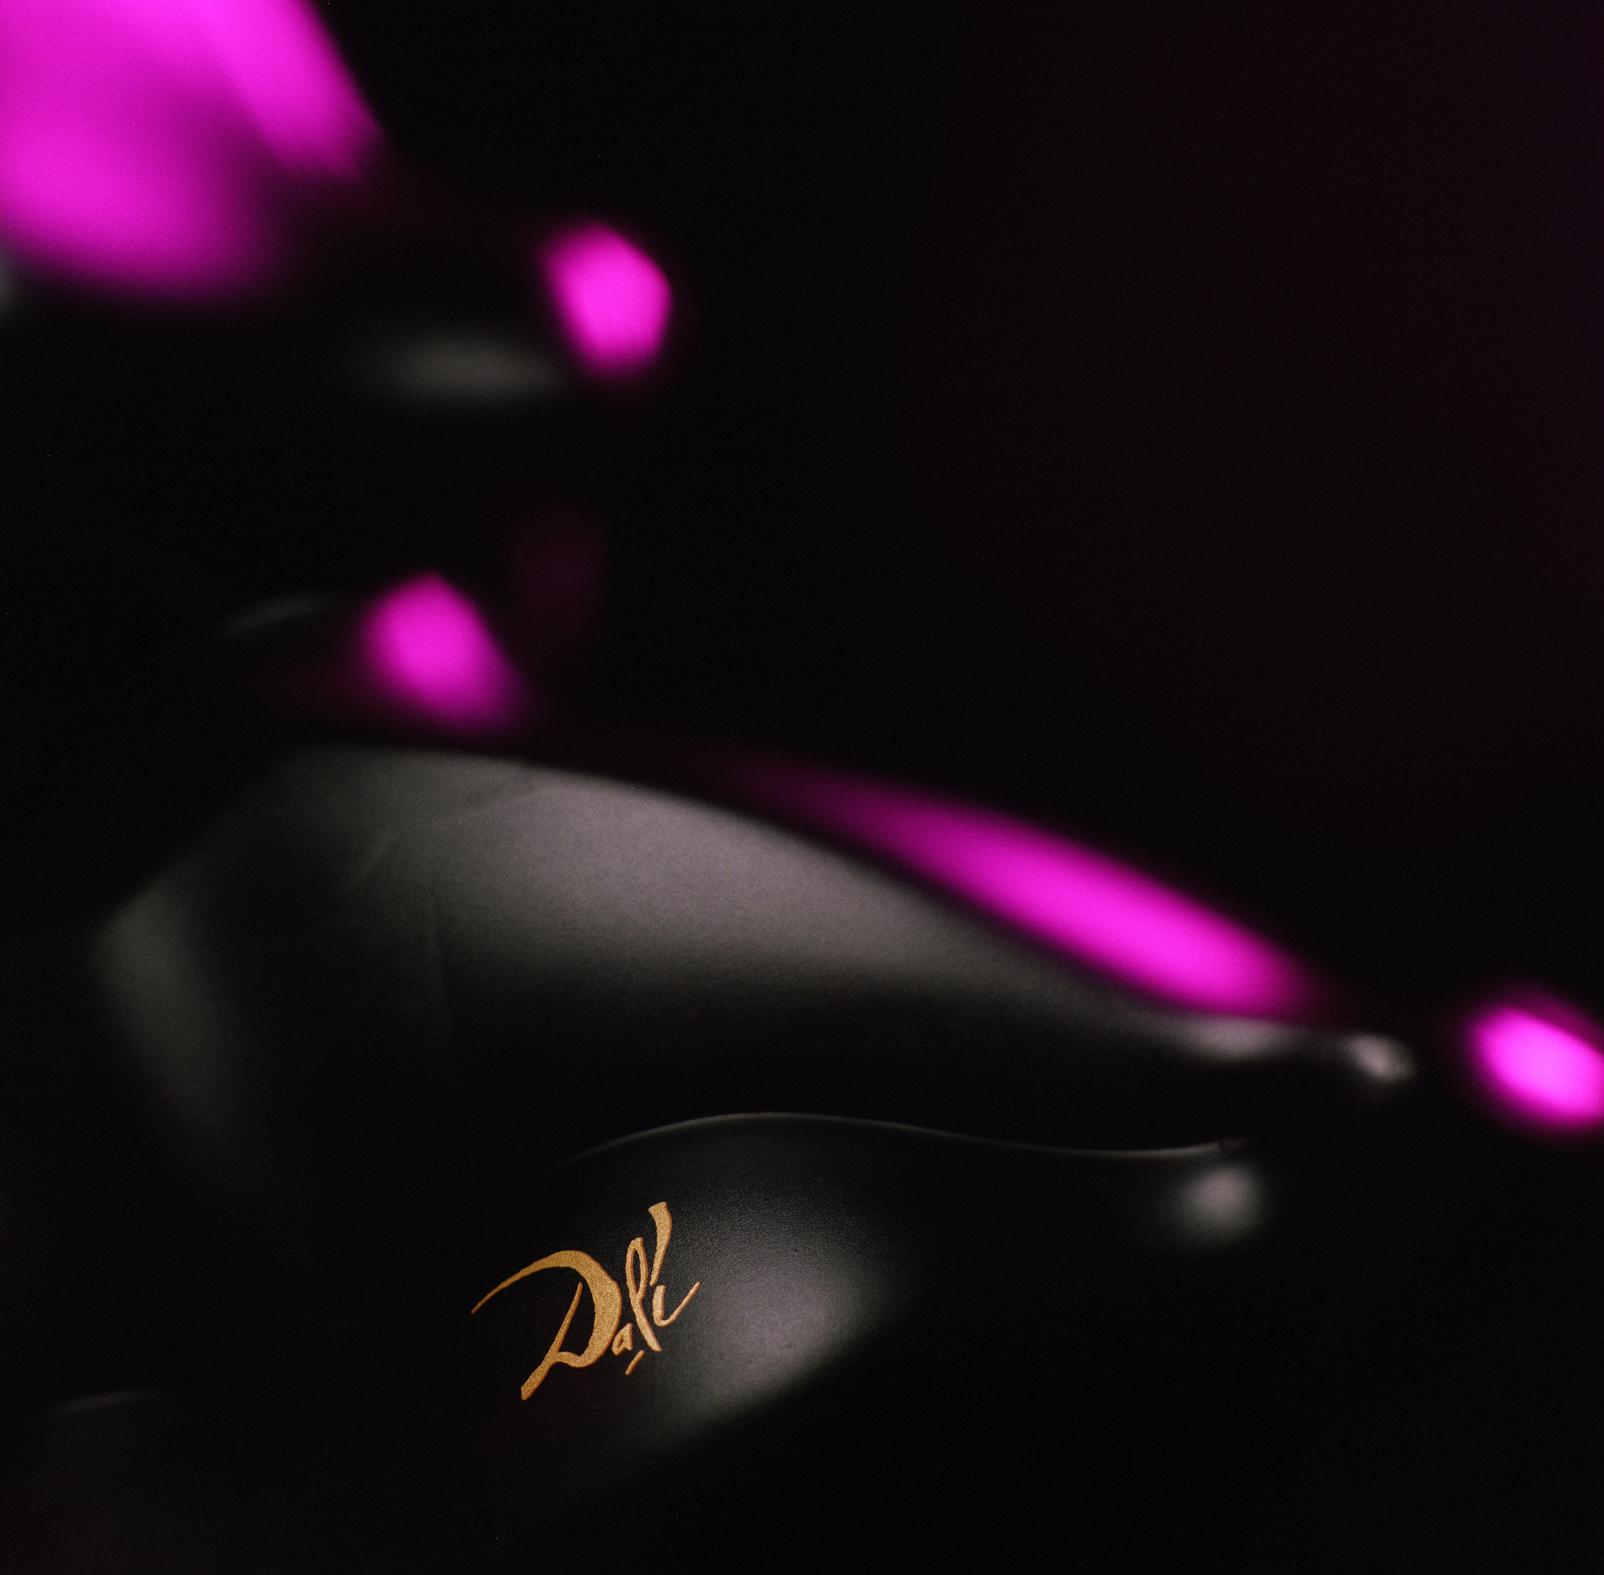 Ad campaign for Dali perfume